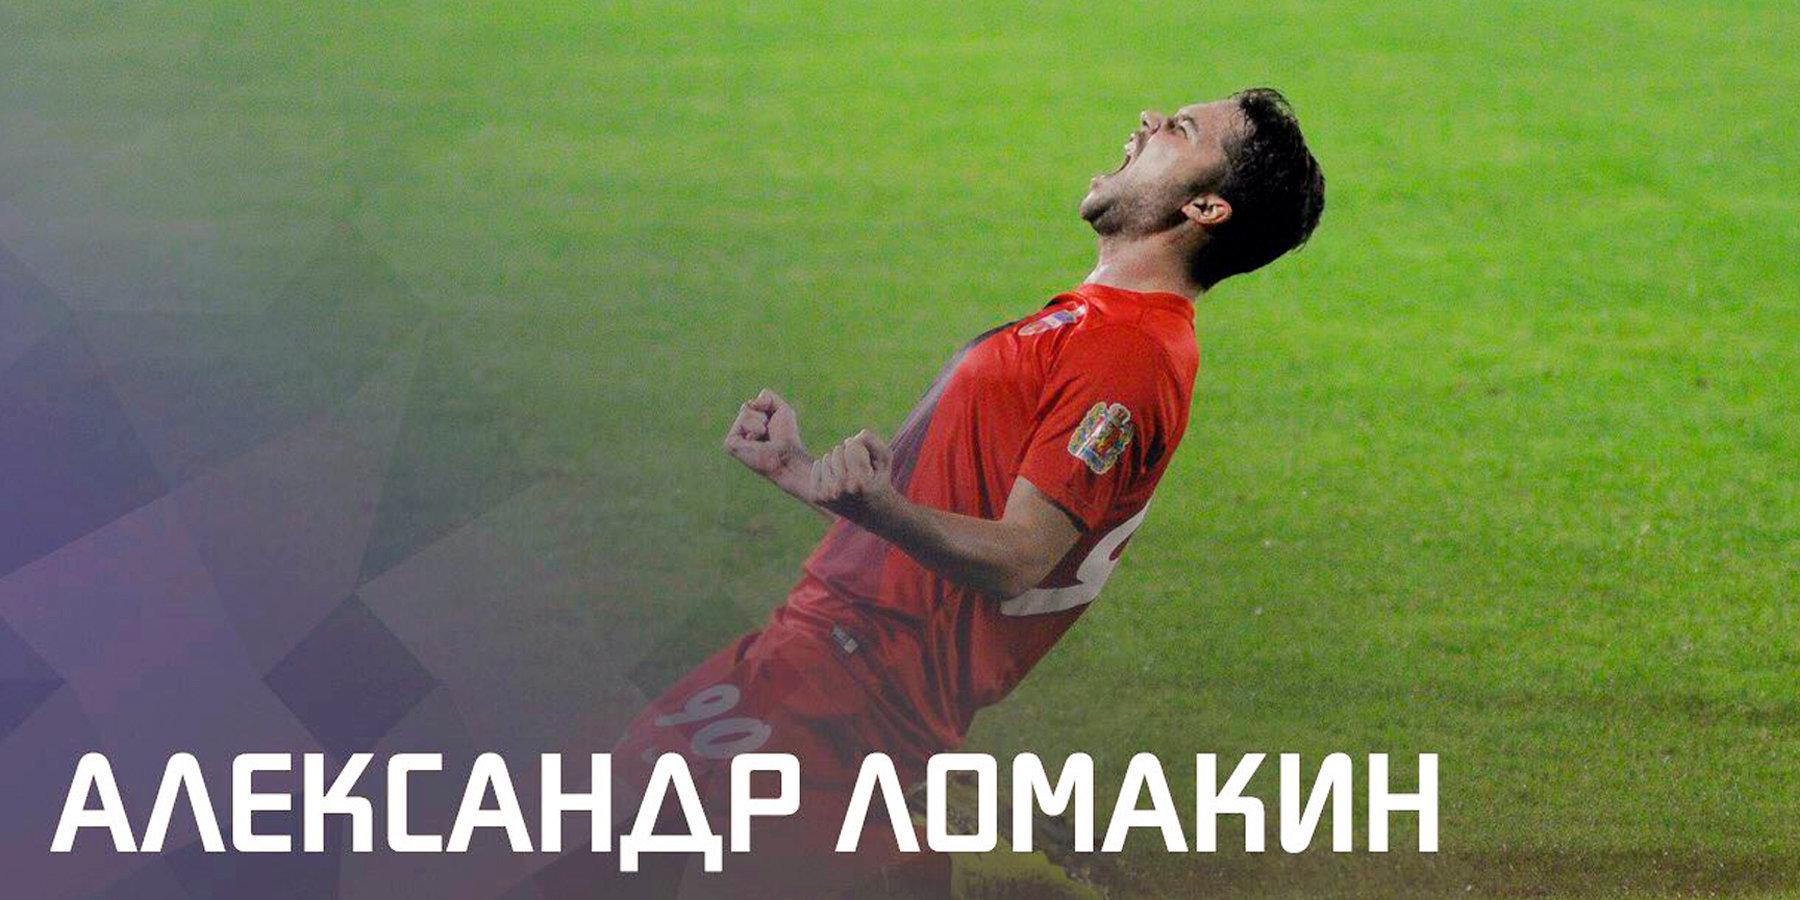 Нападающий «Урала» Ставпец продолжит карьеру в«Тюмени»